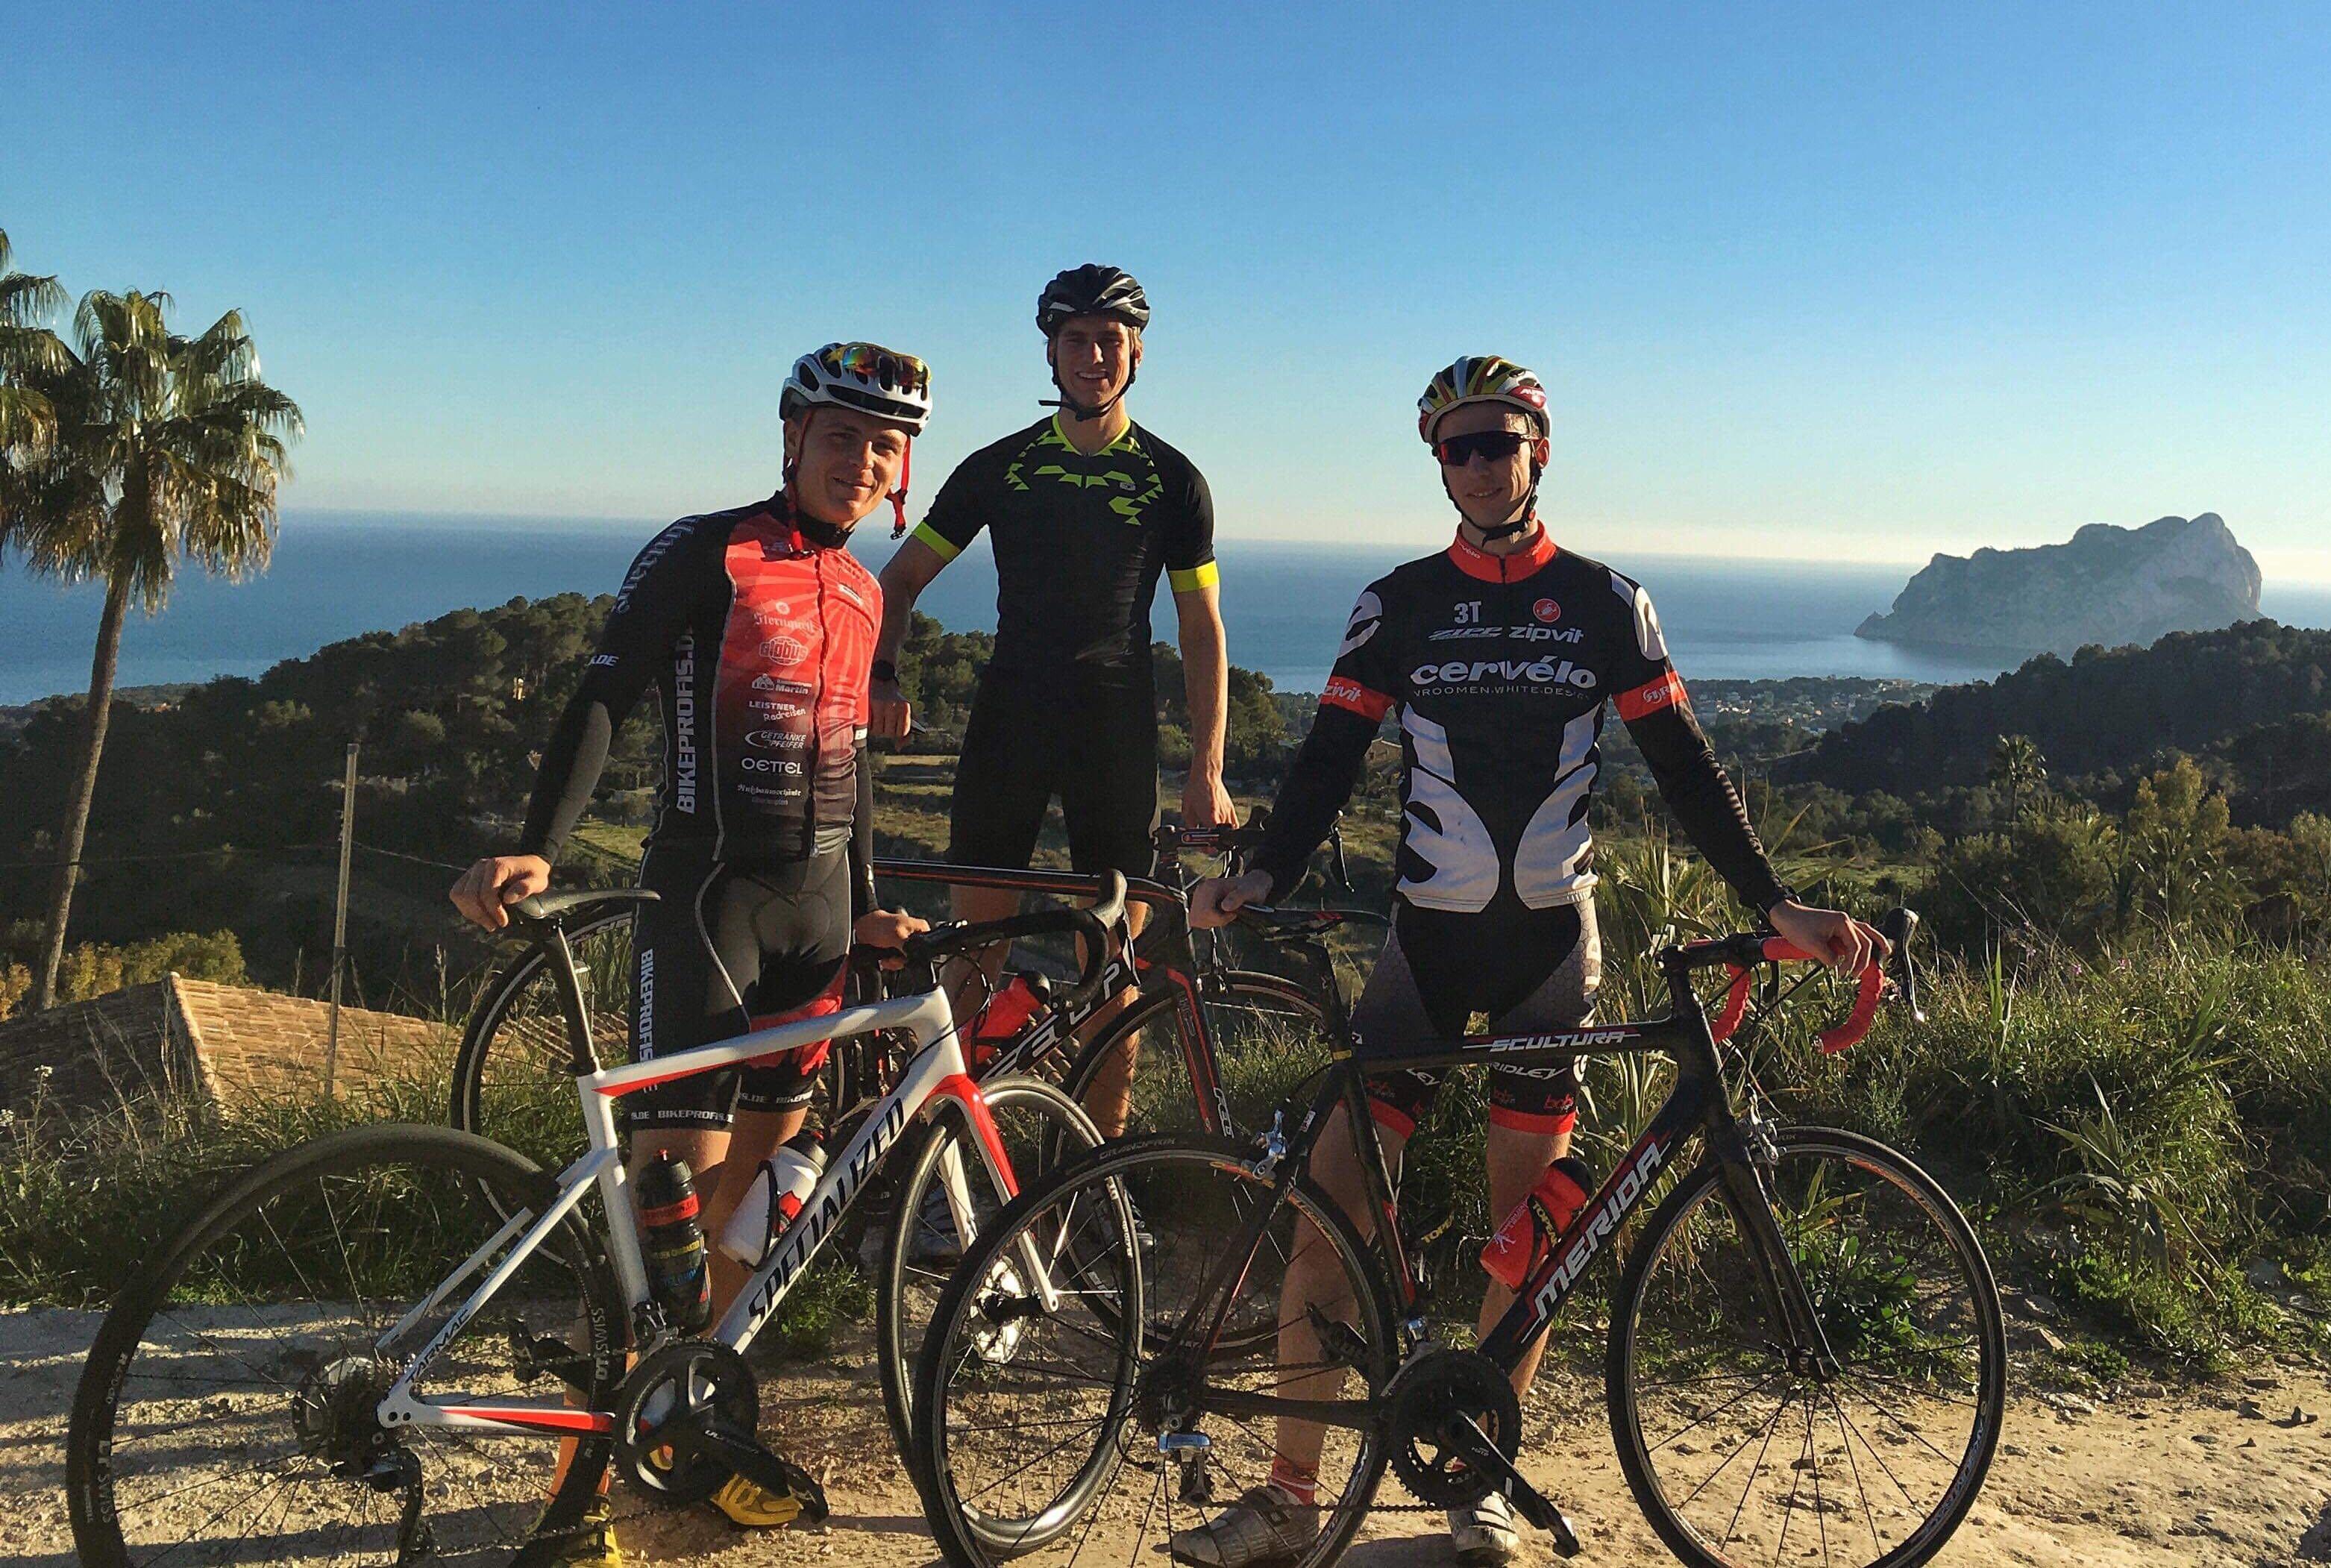 IDM Superbike 1000: Drei Kumpel auf Trainingstour in Spanien und ein Zwischenfall im Nachtclub